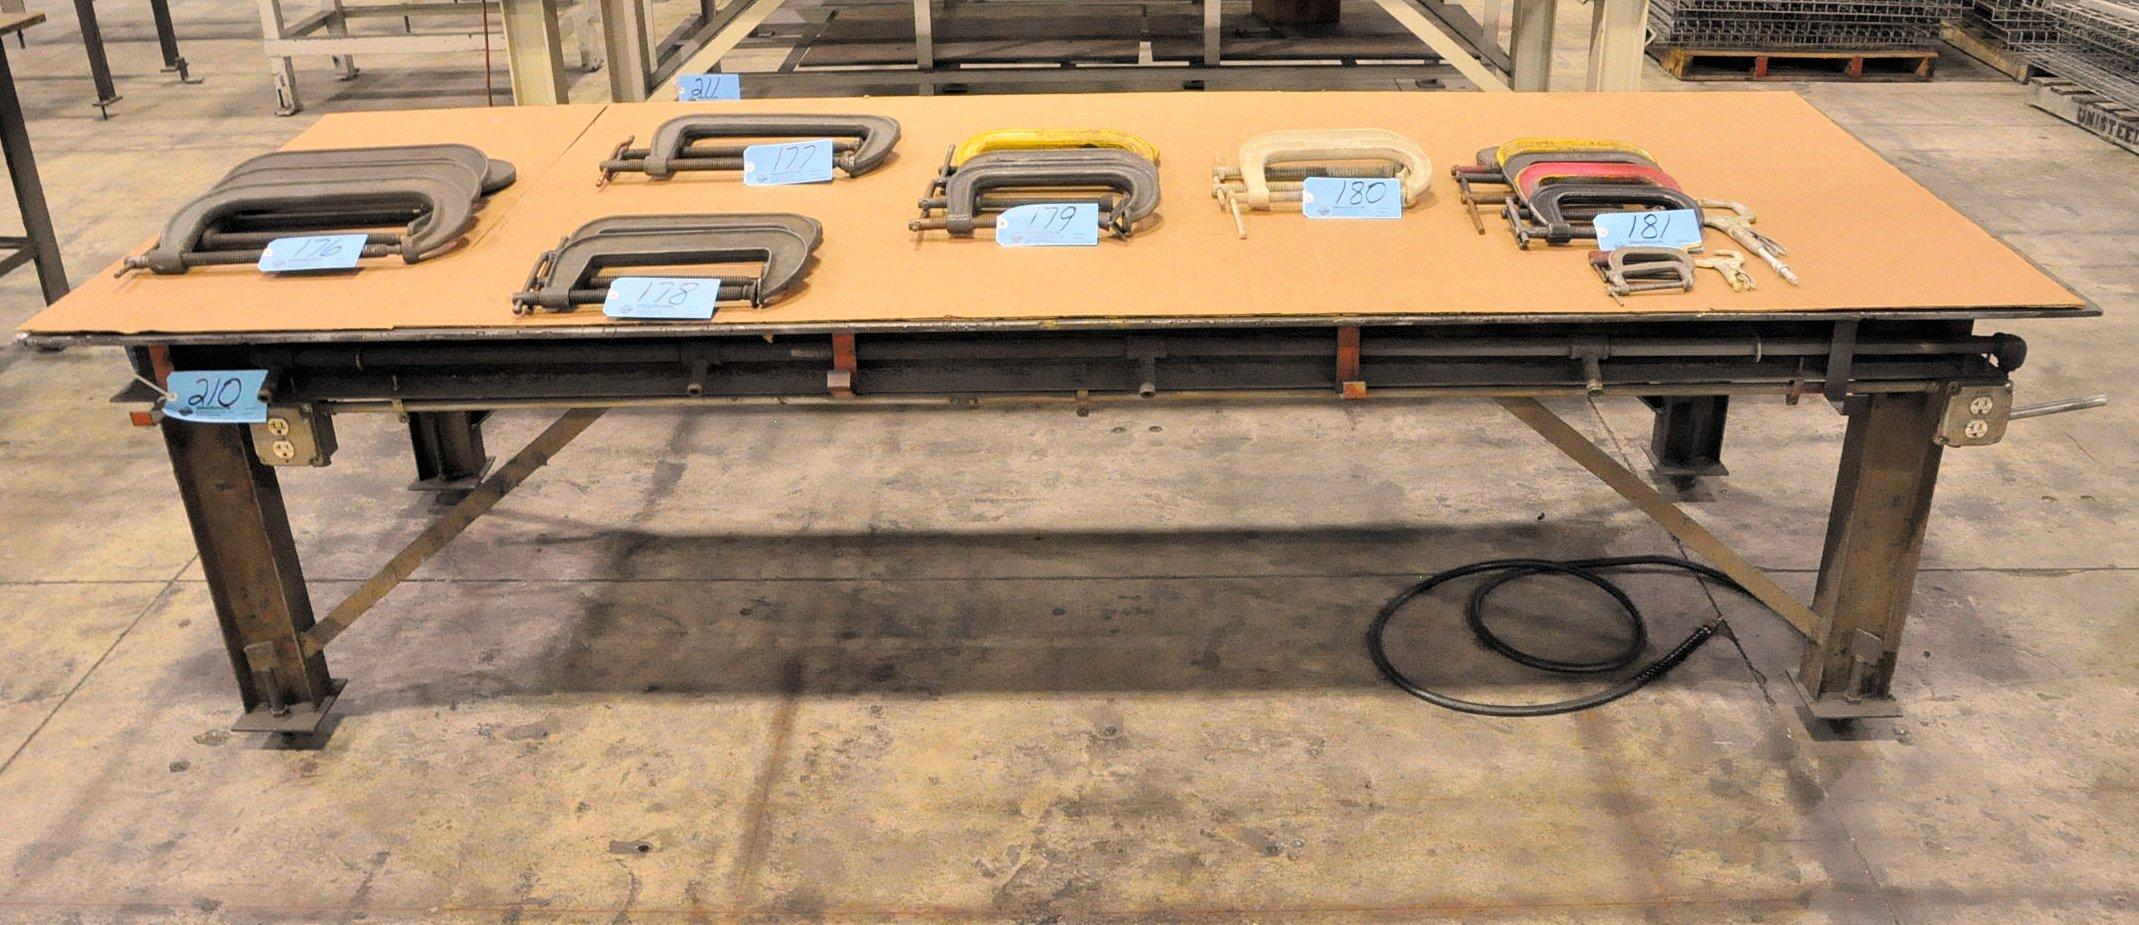 """120"""" x 48"""" x 3/8"""" Steel Top Welding Table"""